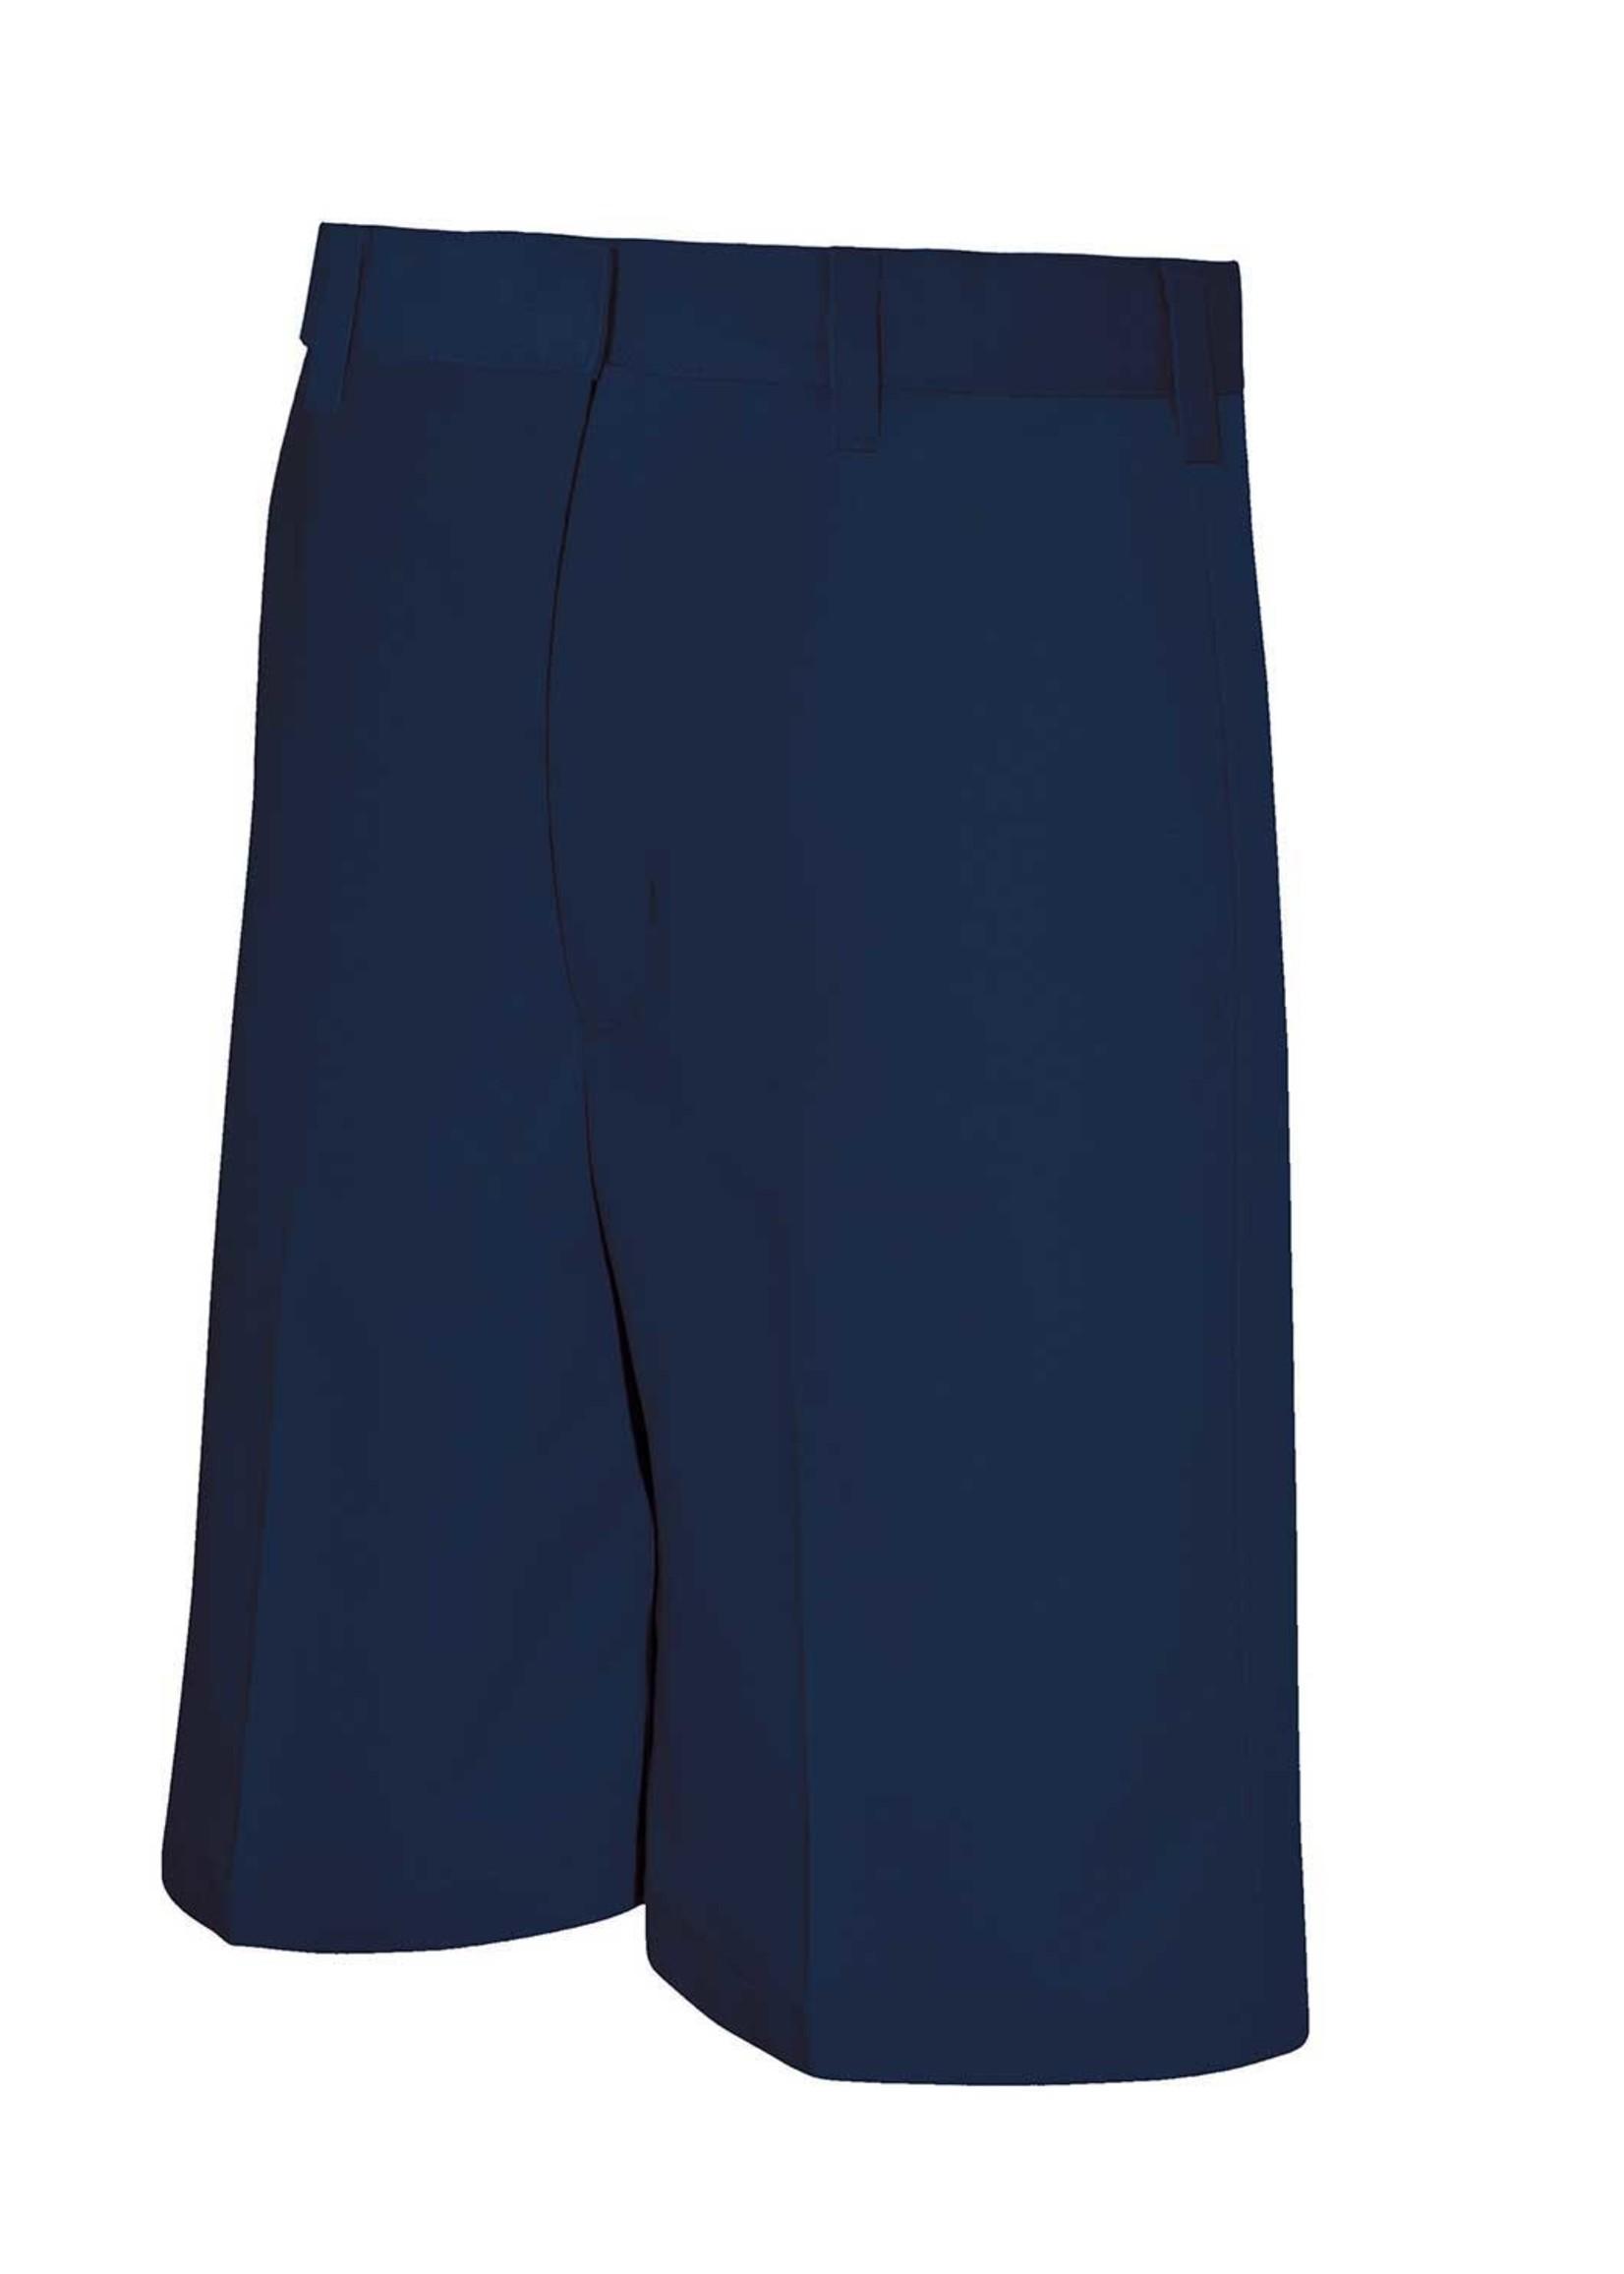 A+ Boys Navy Flat Front Short